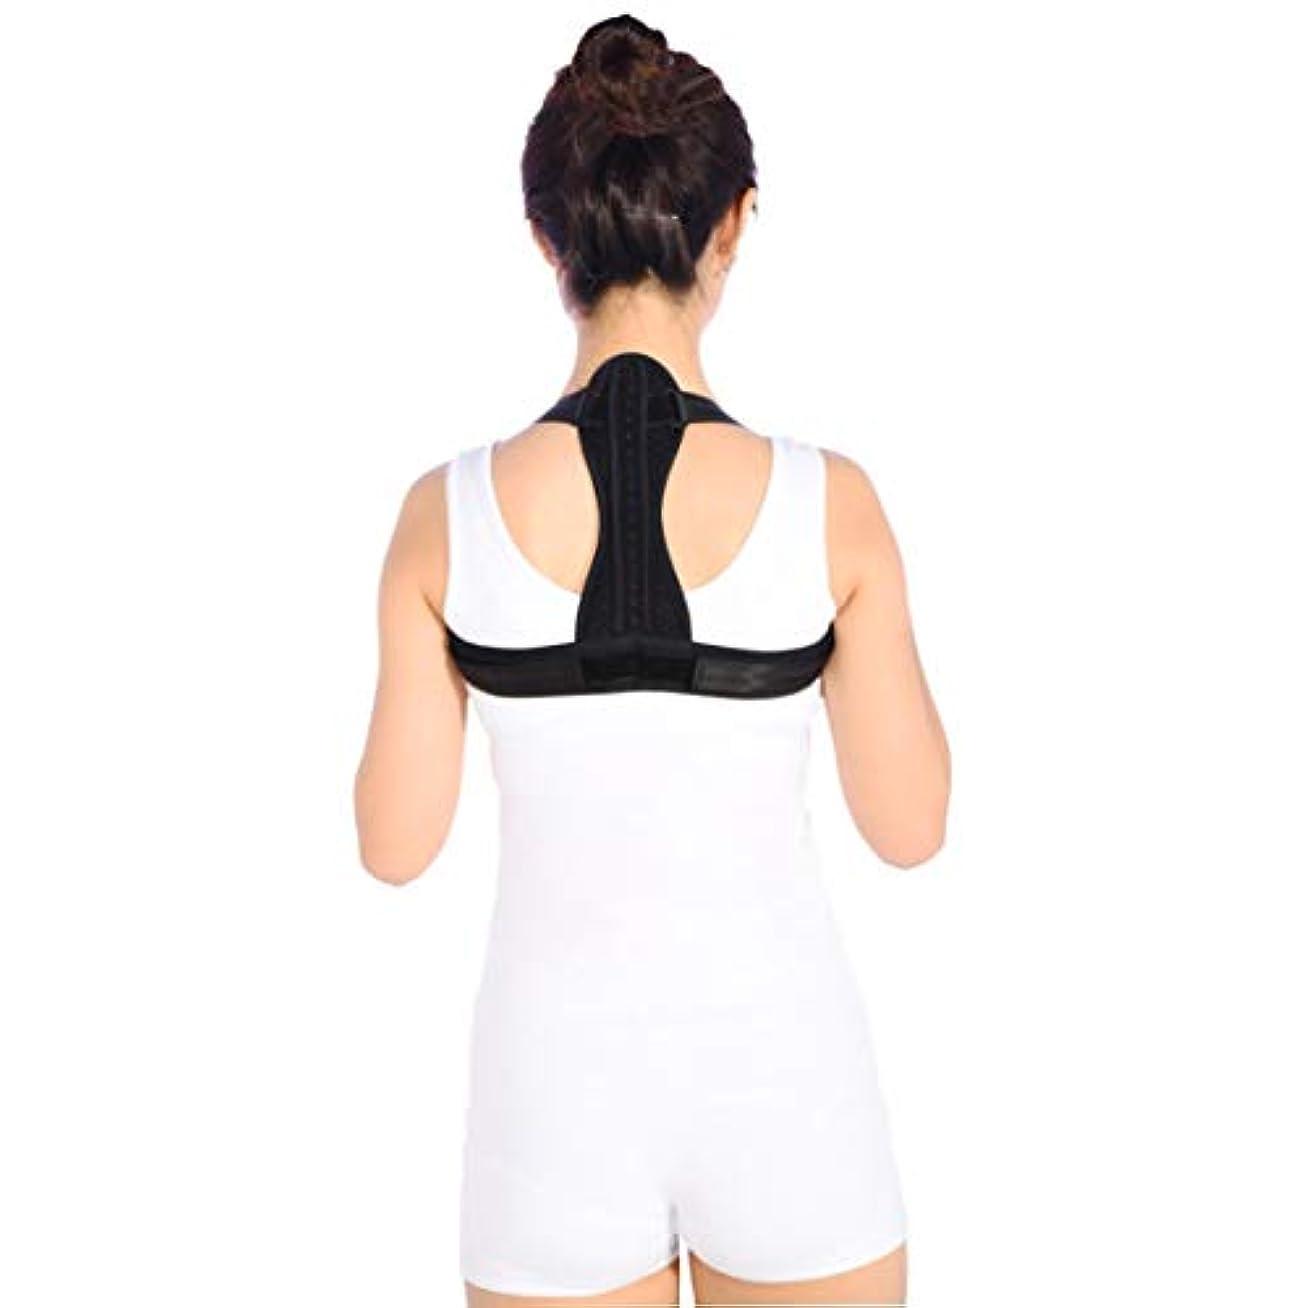 スキニー財産美徳通気性の脊柱側弯症ザトウクジラ補正ベルト調節可能な快適さ目に見えないベルト男性女性大人学生子供 - 黒